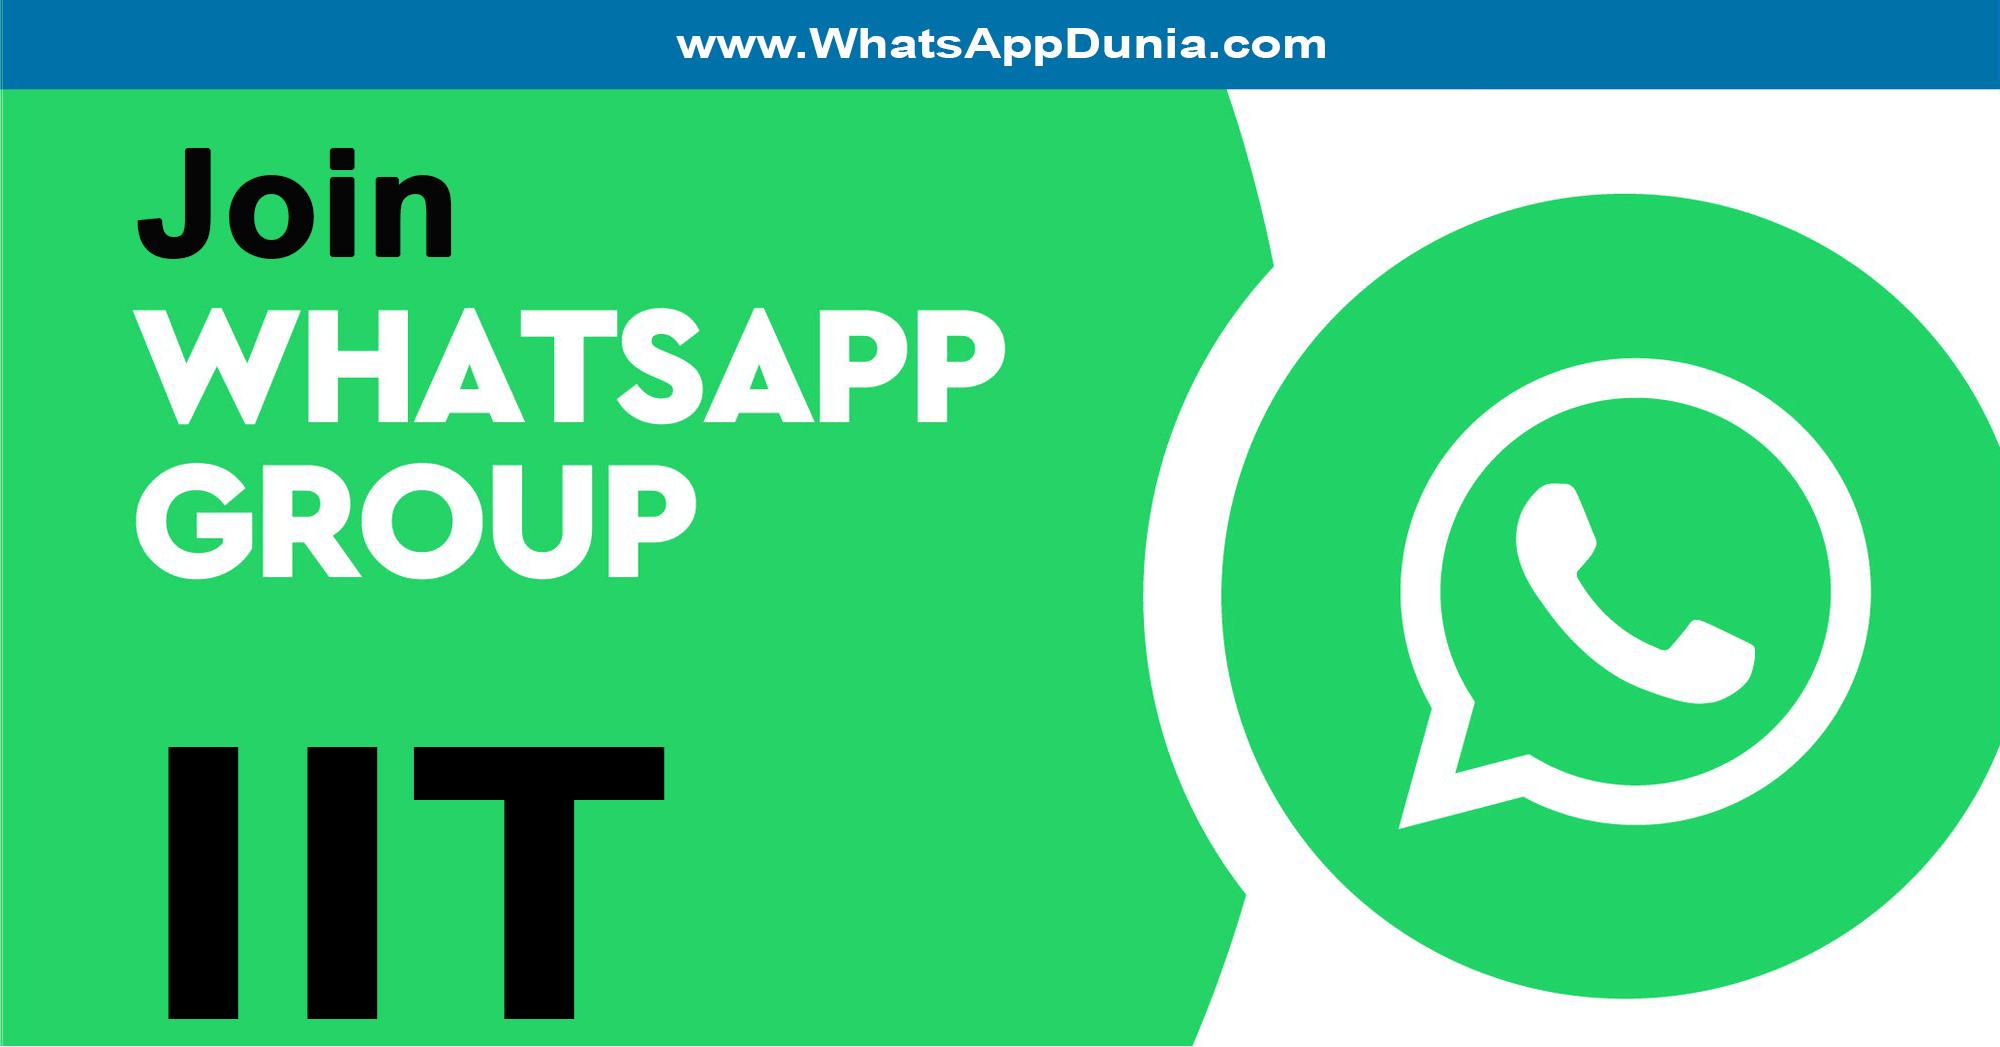 IIT WhatsApp Group Links